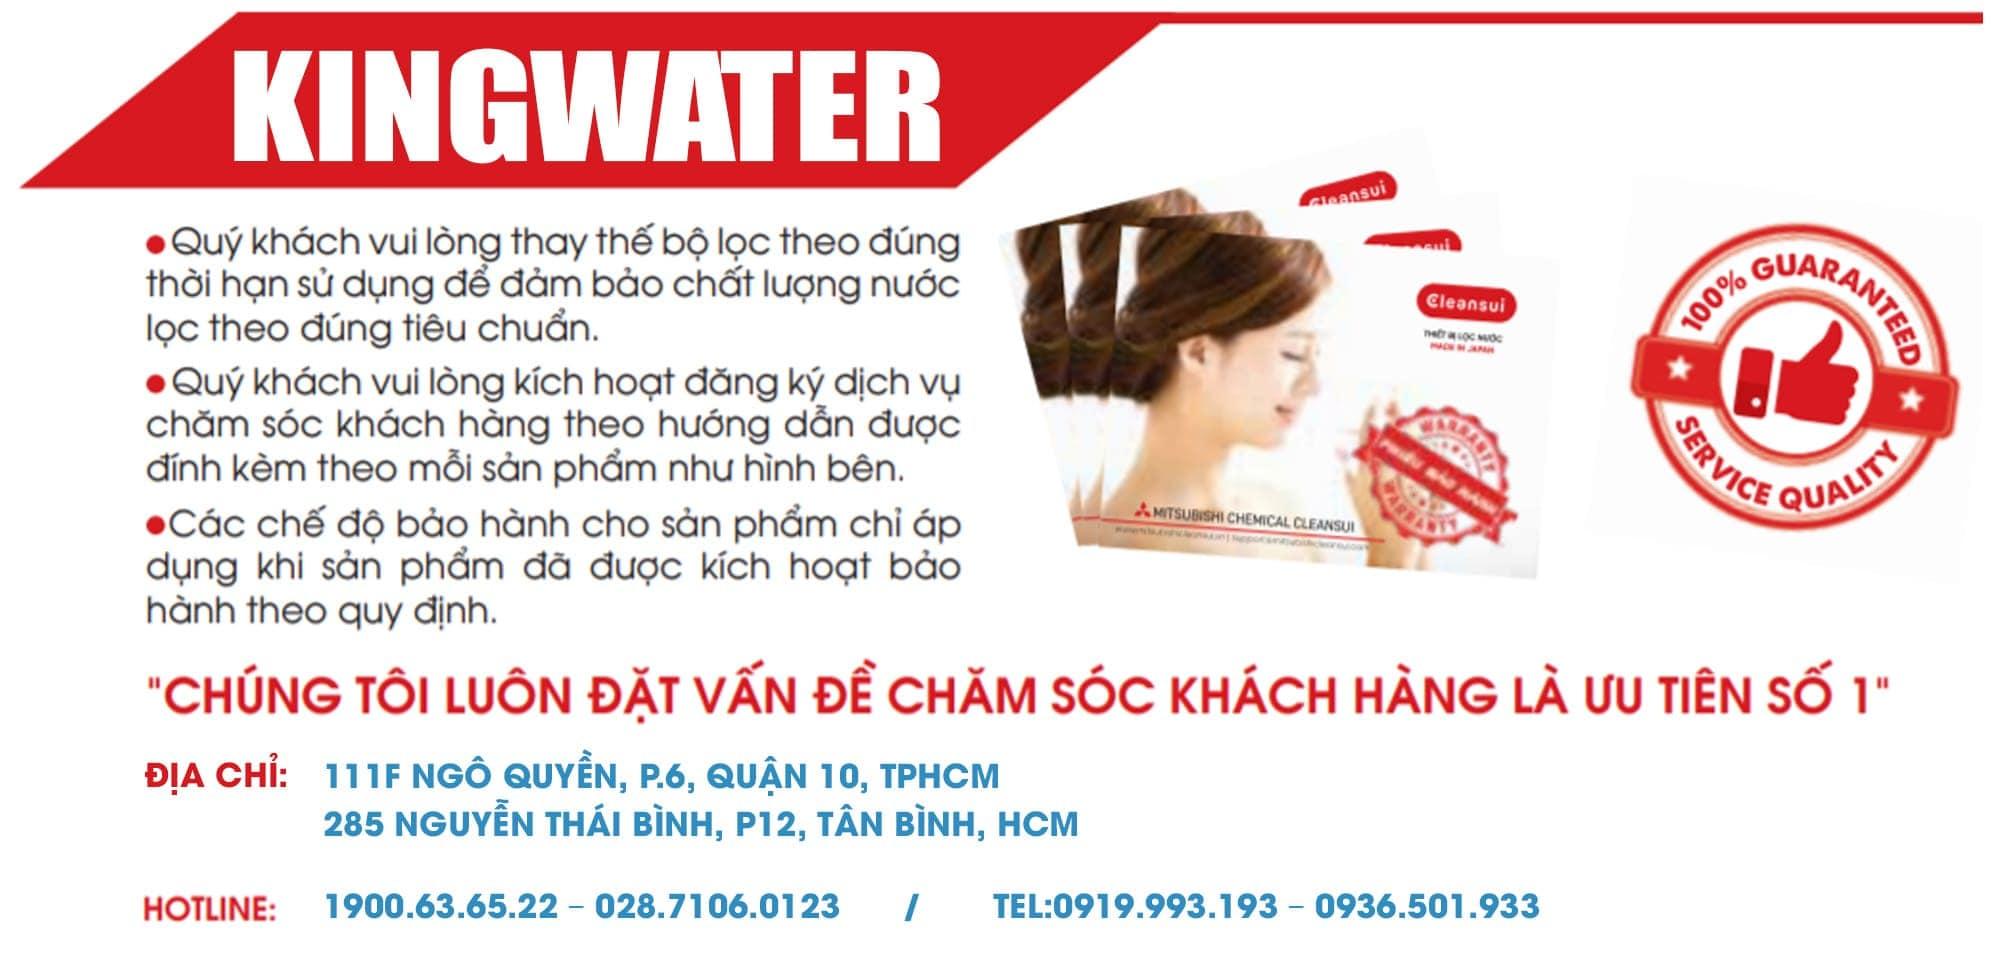 KingWater là địa chỉ tin cậy uy tín với hơn 8 năm kinh nghiệm phân phối máy lọc Cleansui